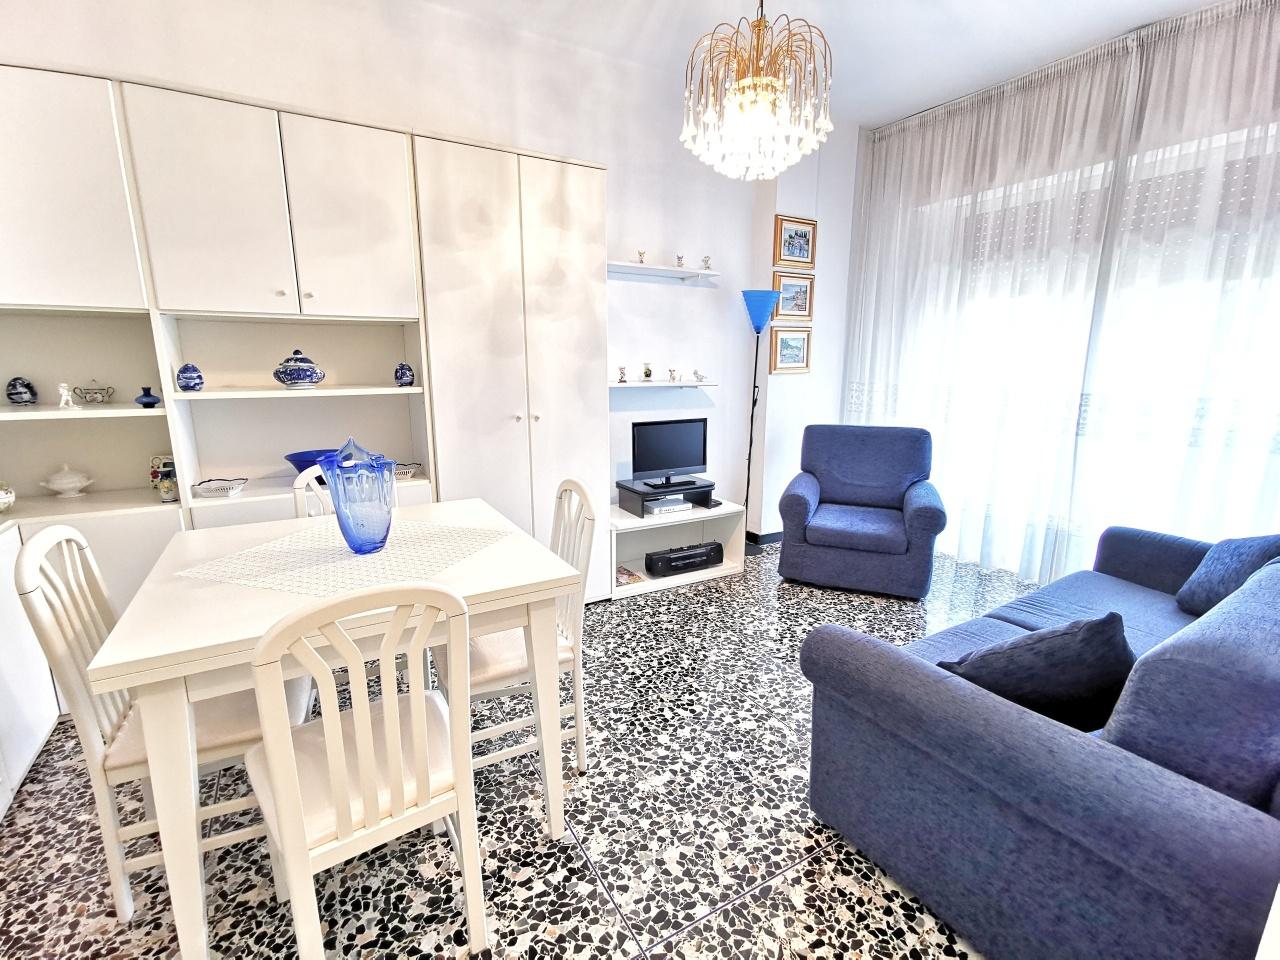 Appartamento in vendita a Albisola Superiore, 3 locali, prezzo € 249.000 | PortaleAgenzieImmobiliari.it